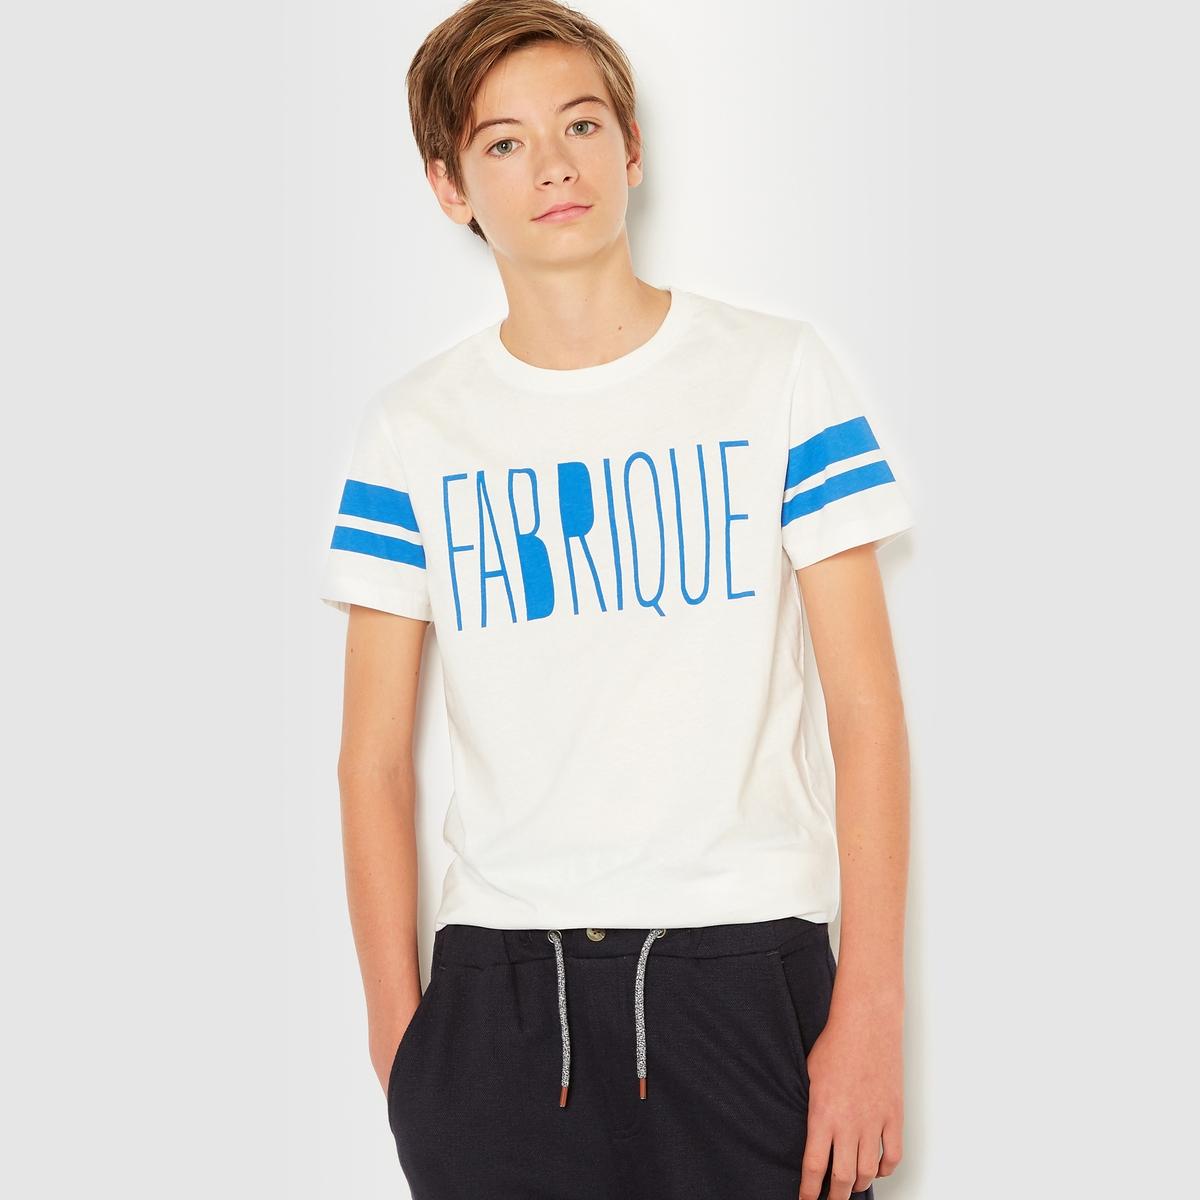 Комплект из 2 футболок с рисунком, для 10-16 лет